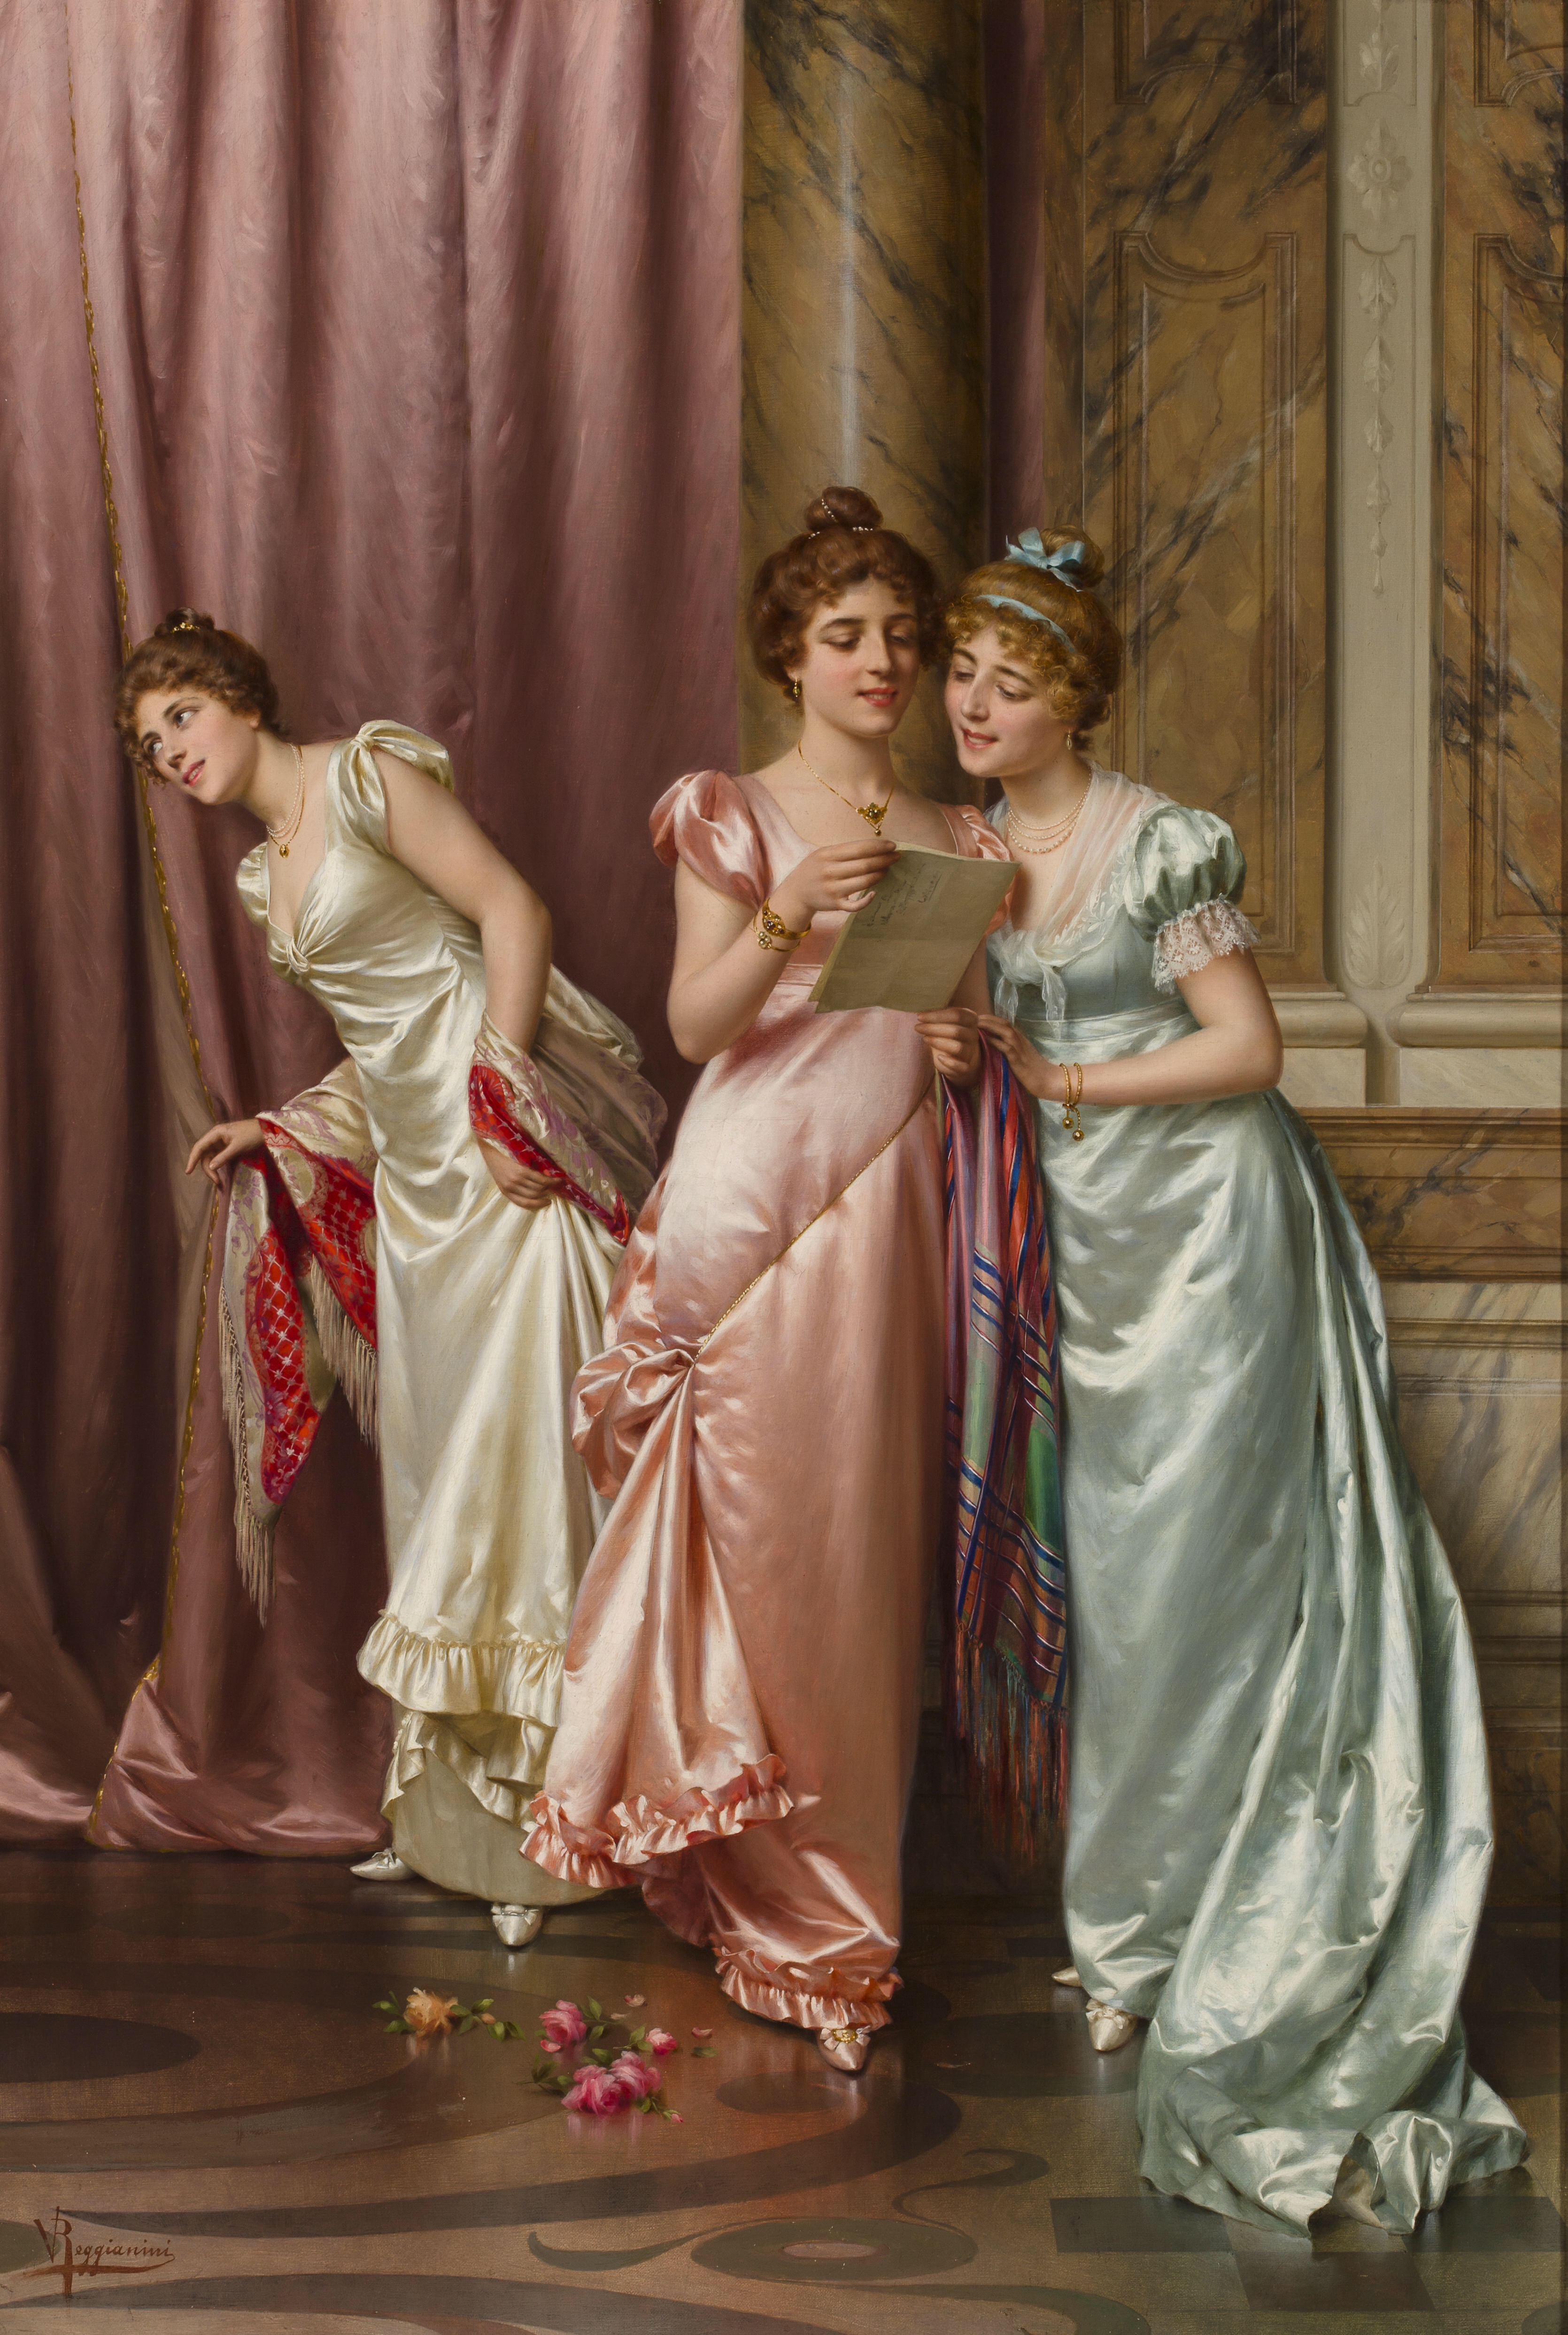 An Illicit Letter (late 1800s) - Vittorio Reggianini